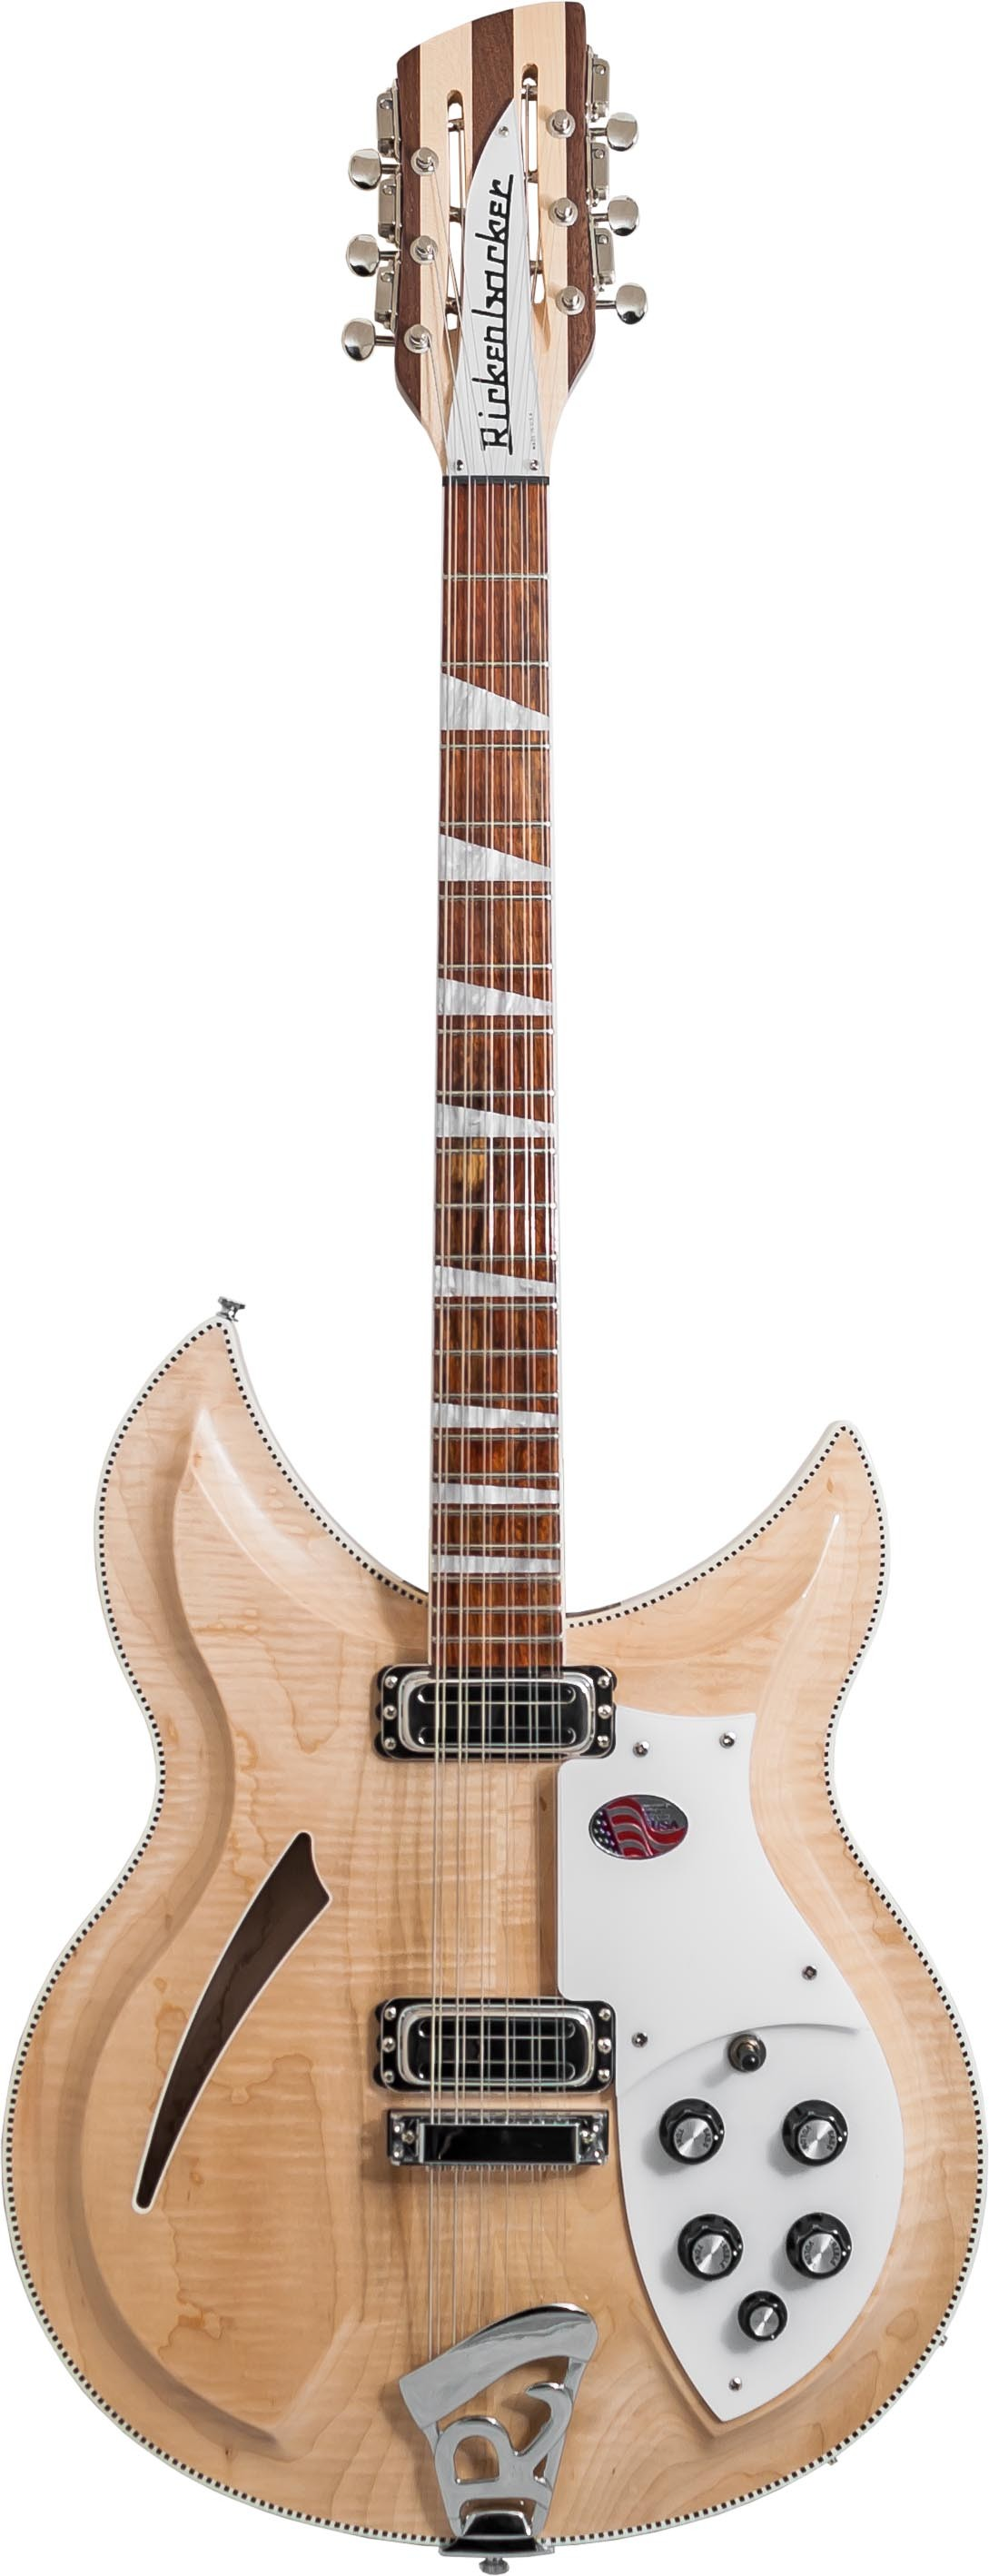 Rickenbacker 381/12V69 - Mapleglo